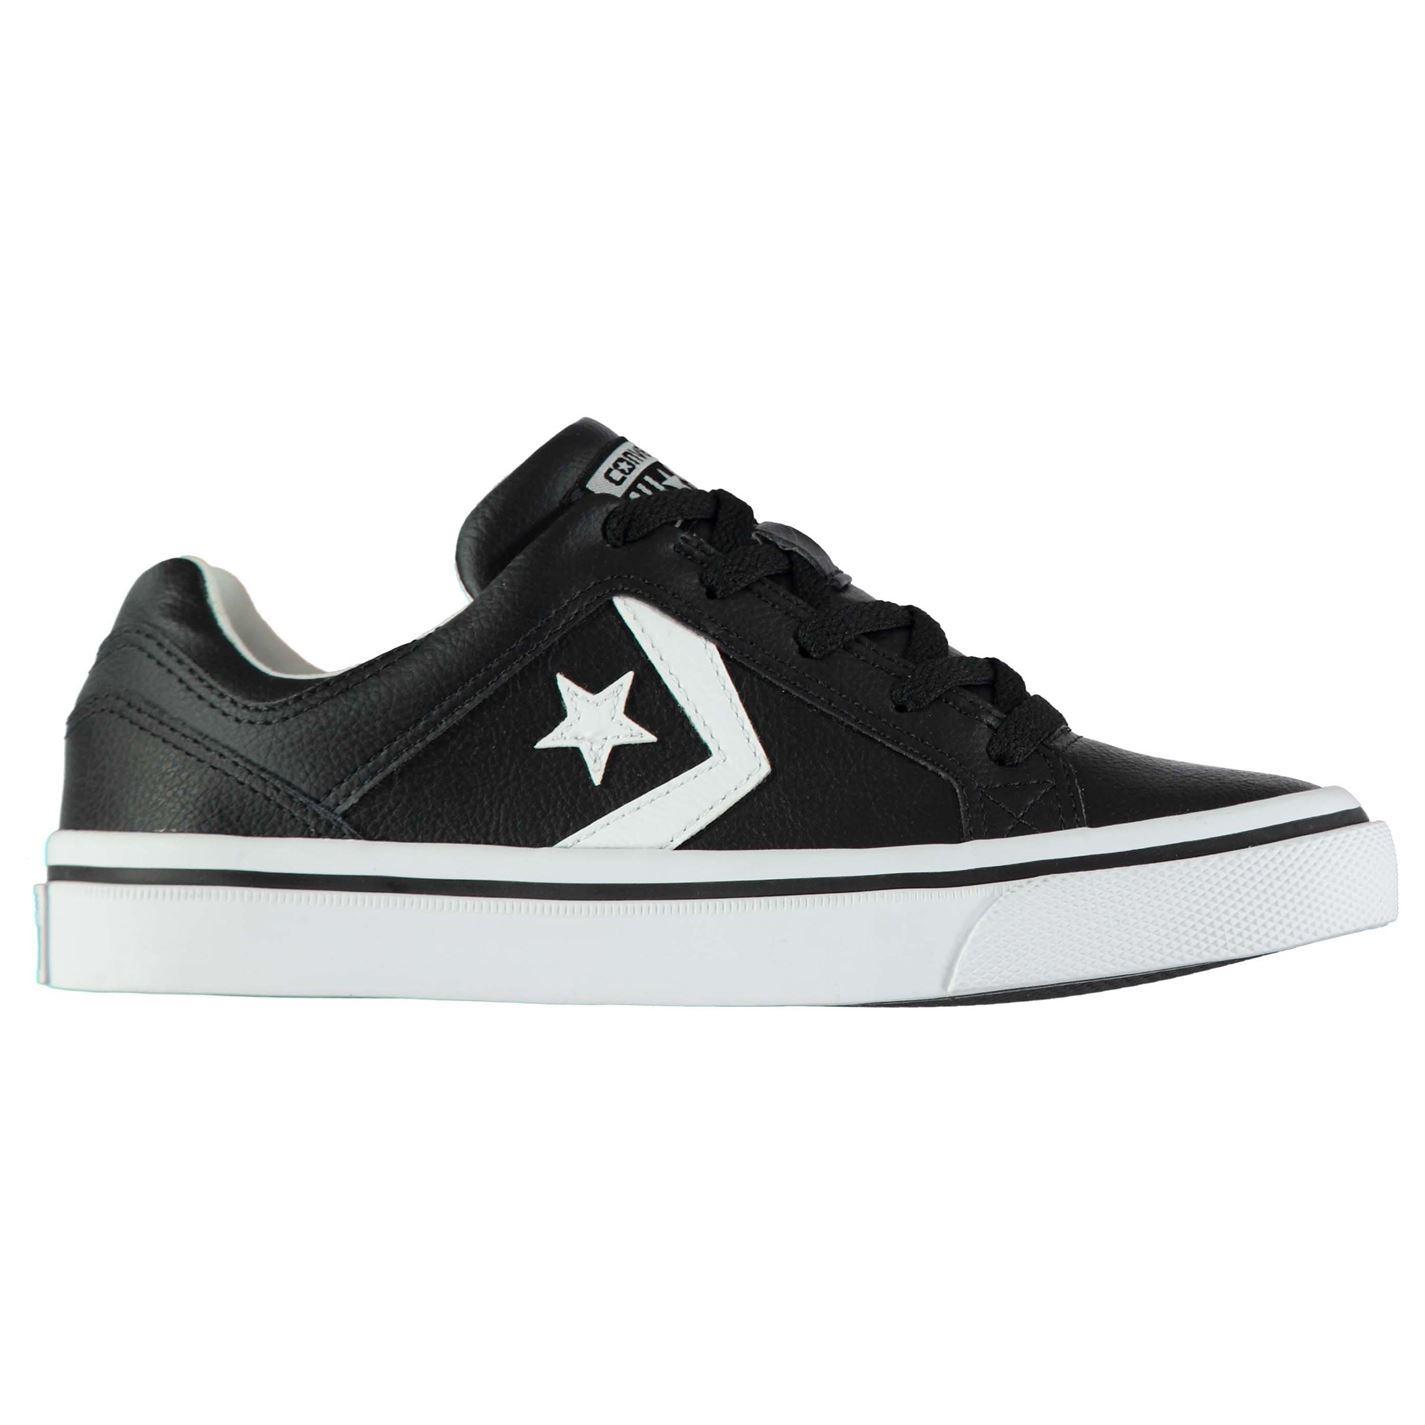 c655b1f10 ... Converse Distrito Zapatillas De Cuero Zapatos Niños Calzado